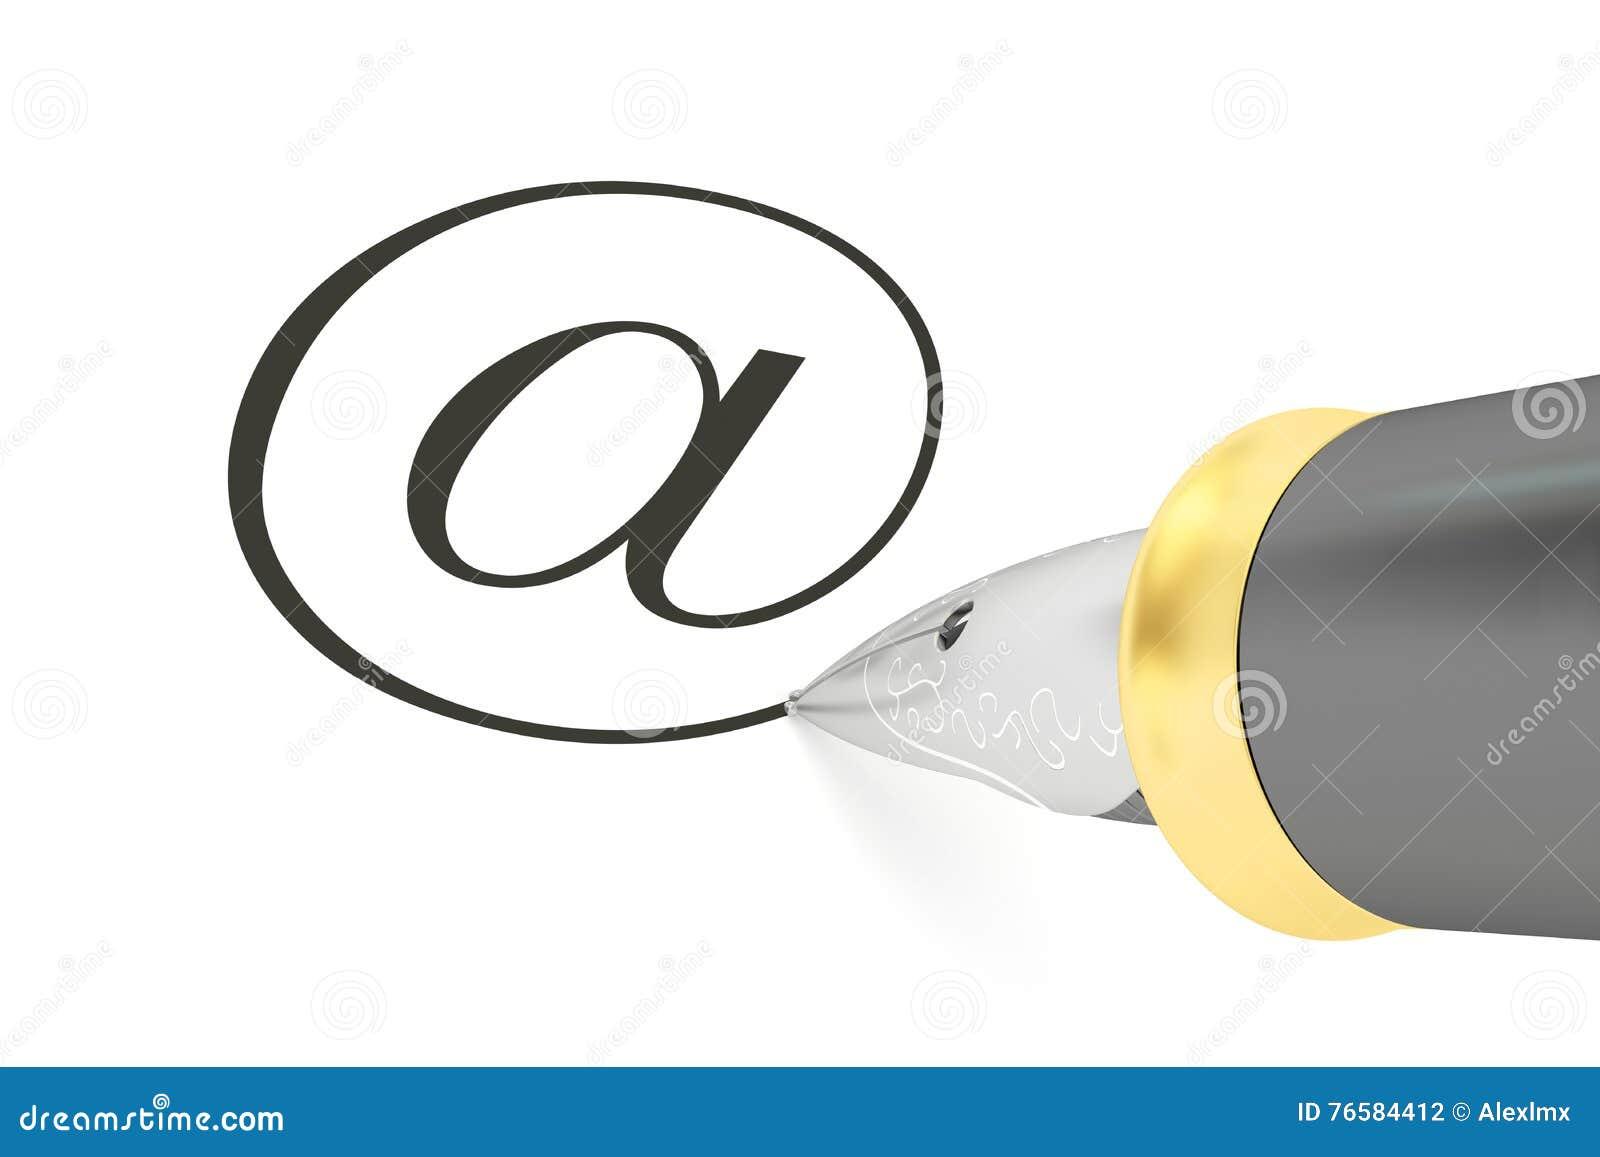 Treten Sie Mit Uns Konzept, Am Symbol In Verbindung Und Schwarzer ...